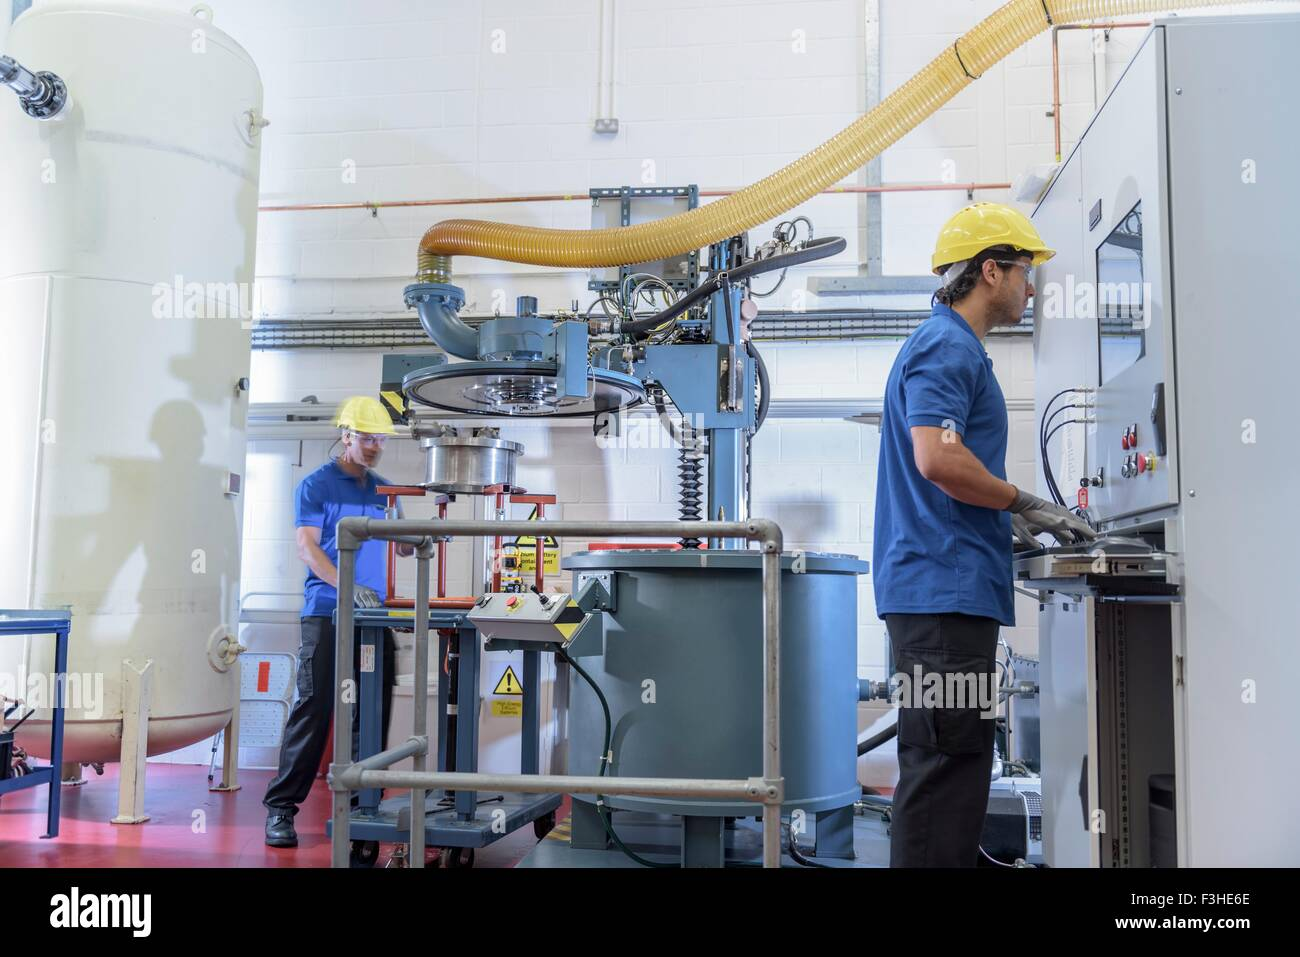 L'environnement d'exploitation des travailleurs dans l'équipement d'usine d'électronique Photo Stock